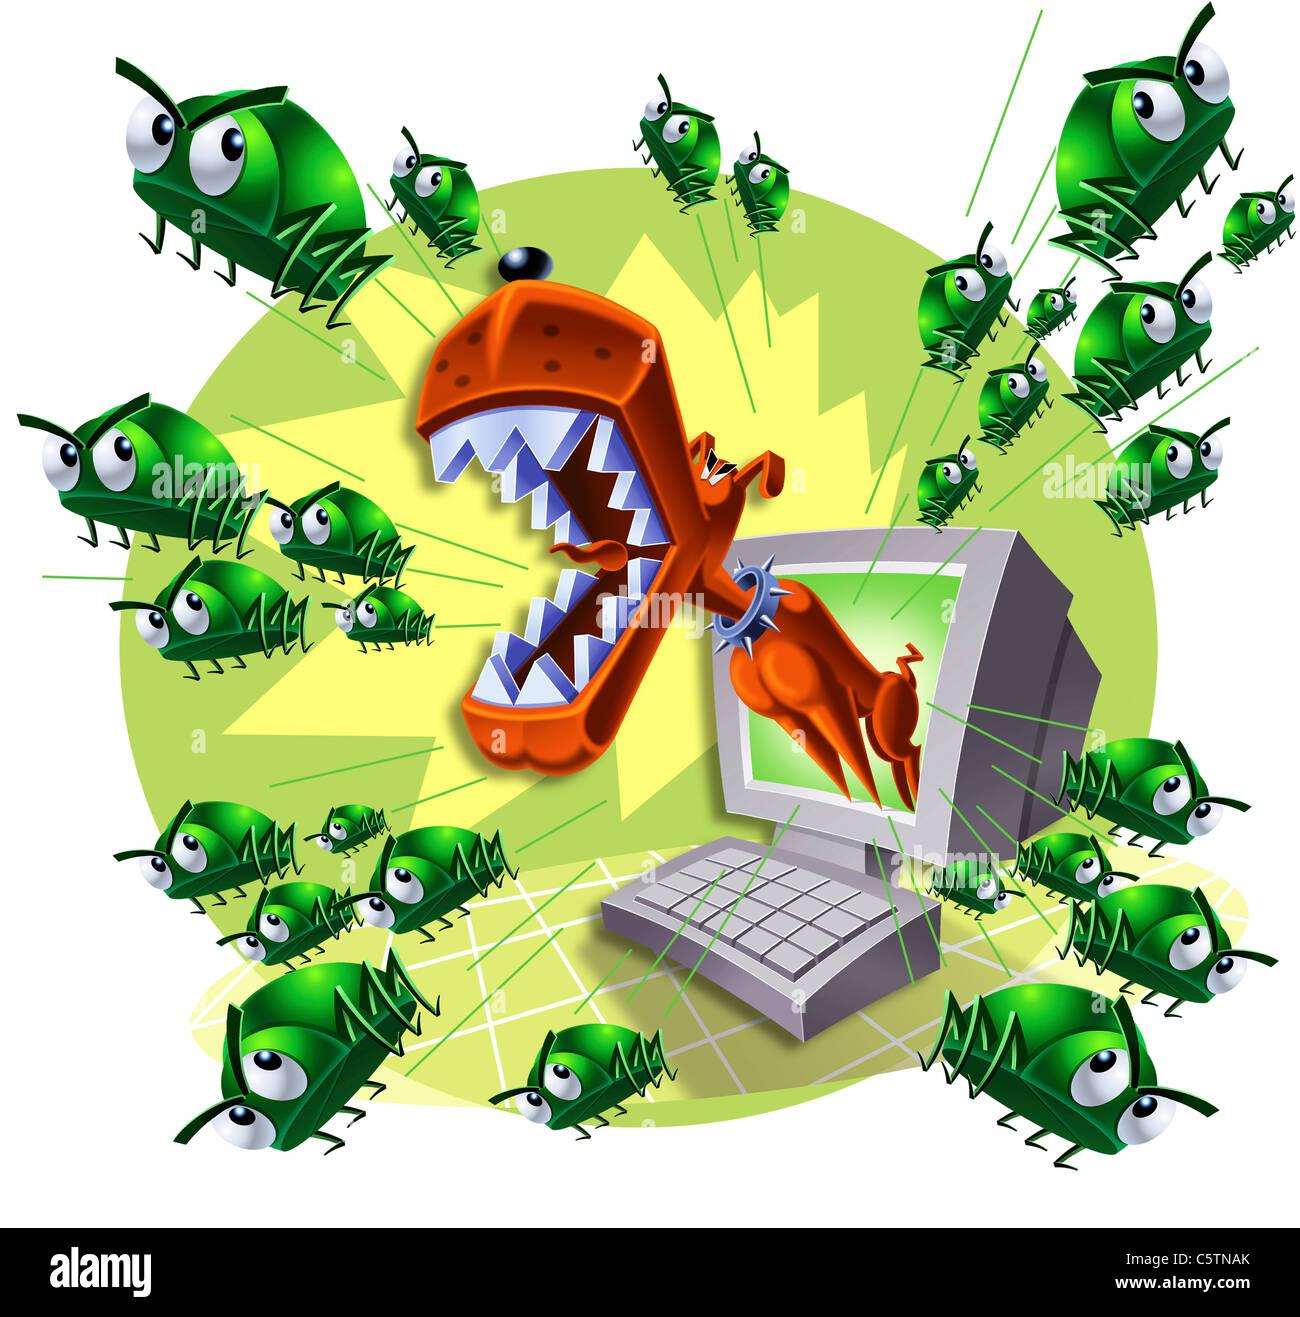 Illustration, Bug dog scaring viruses - Stock Image